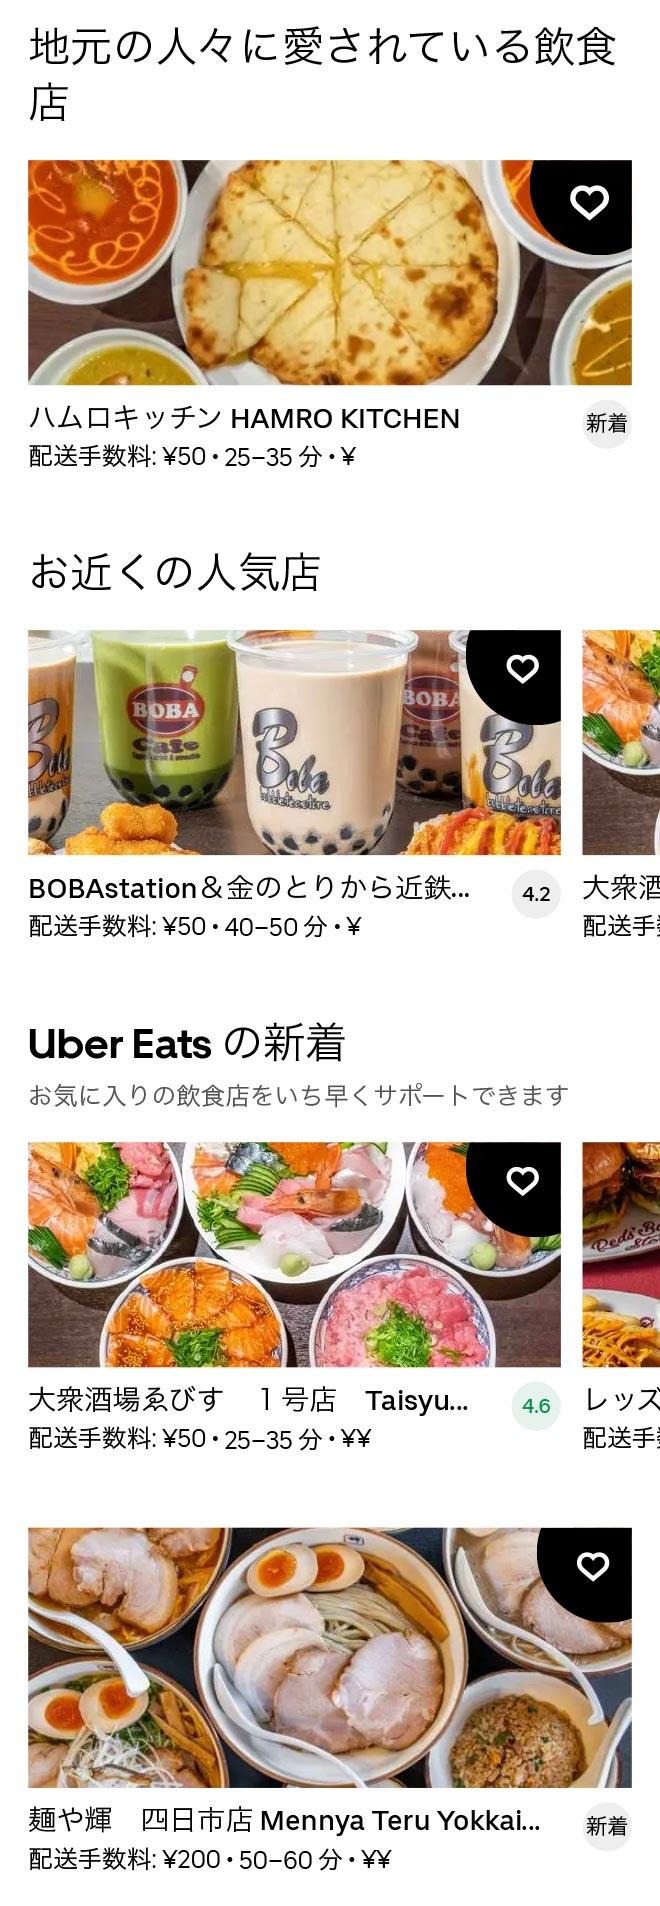 Yokkaichi menu 2012 01